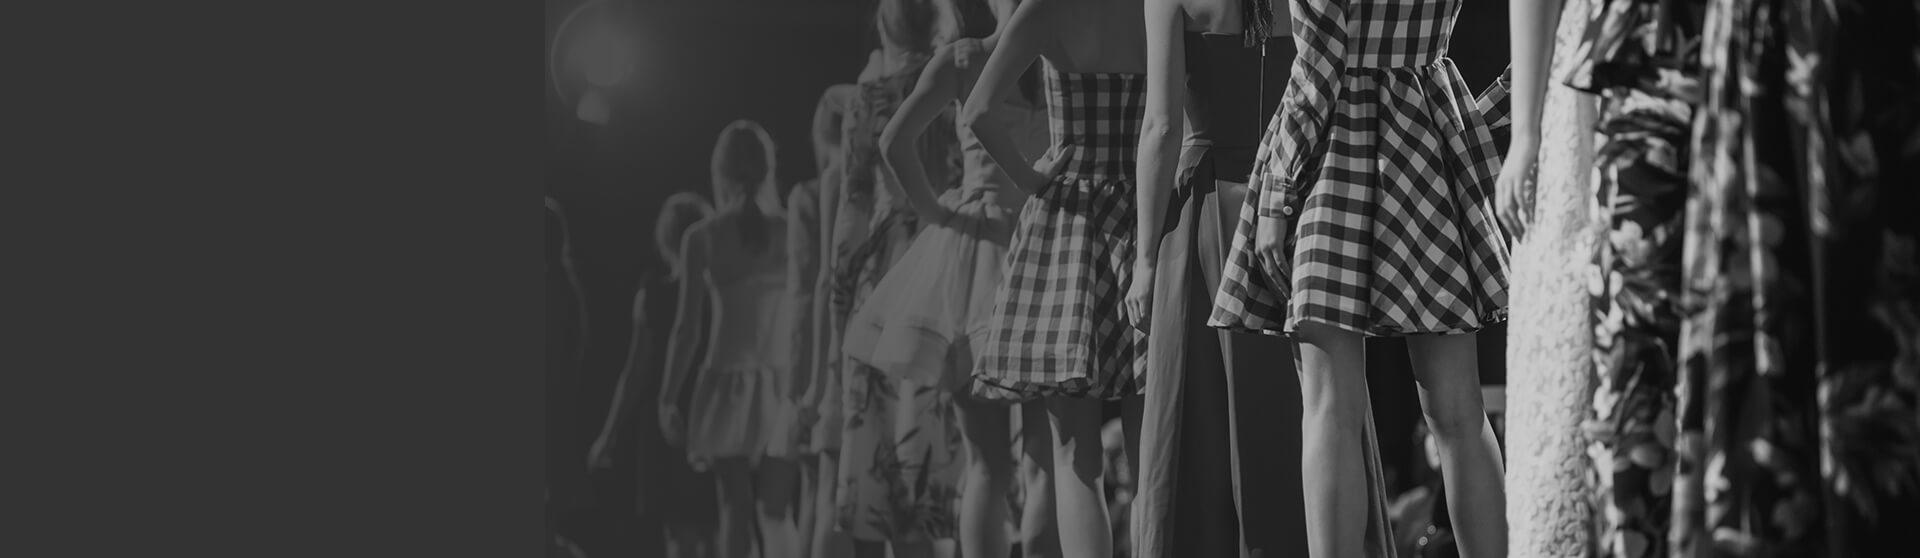 Solutions de découpe numérique pour l'industrie du vêtement